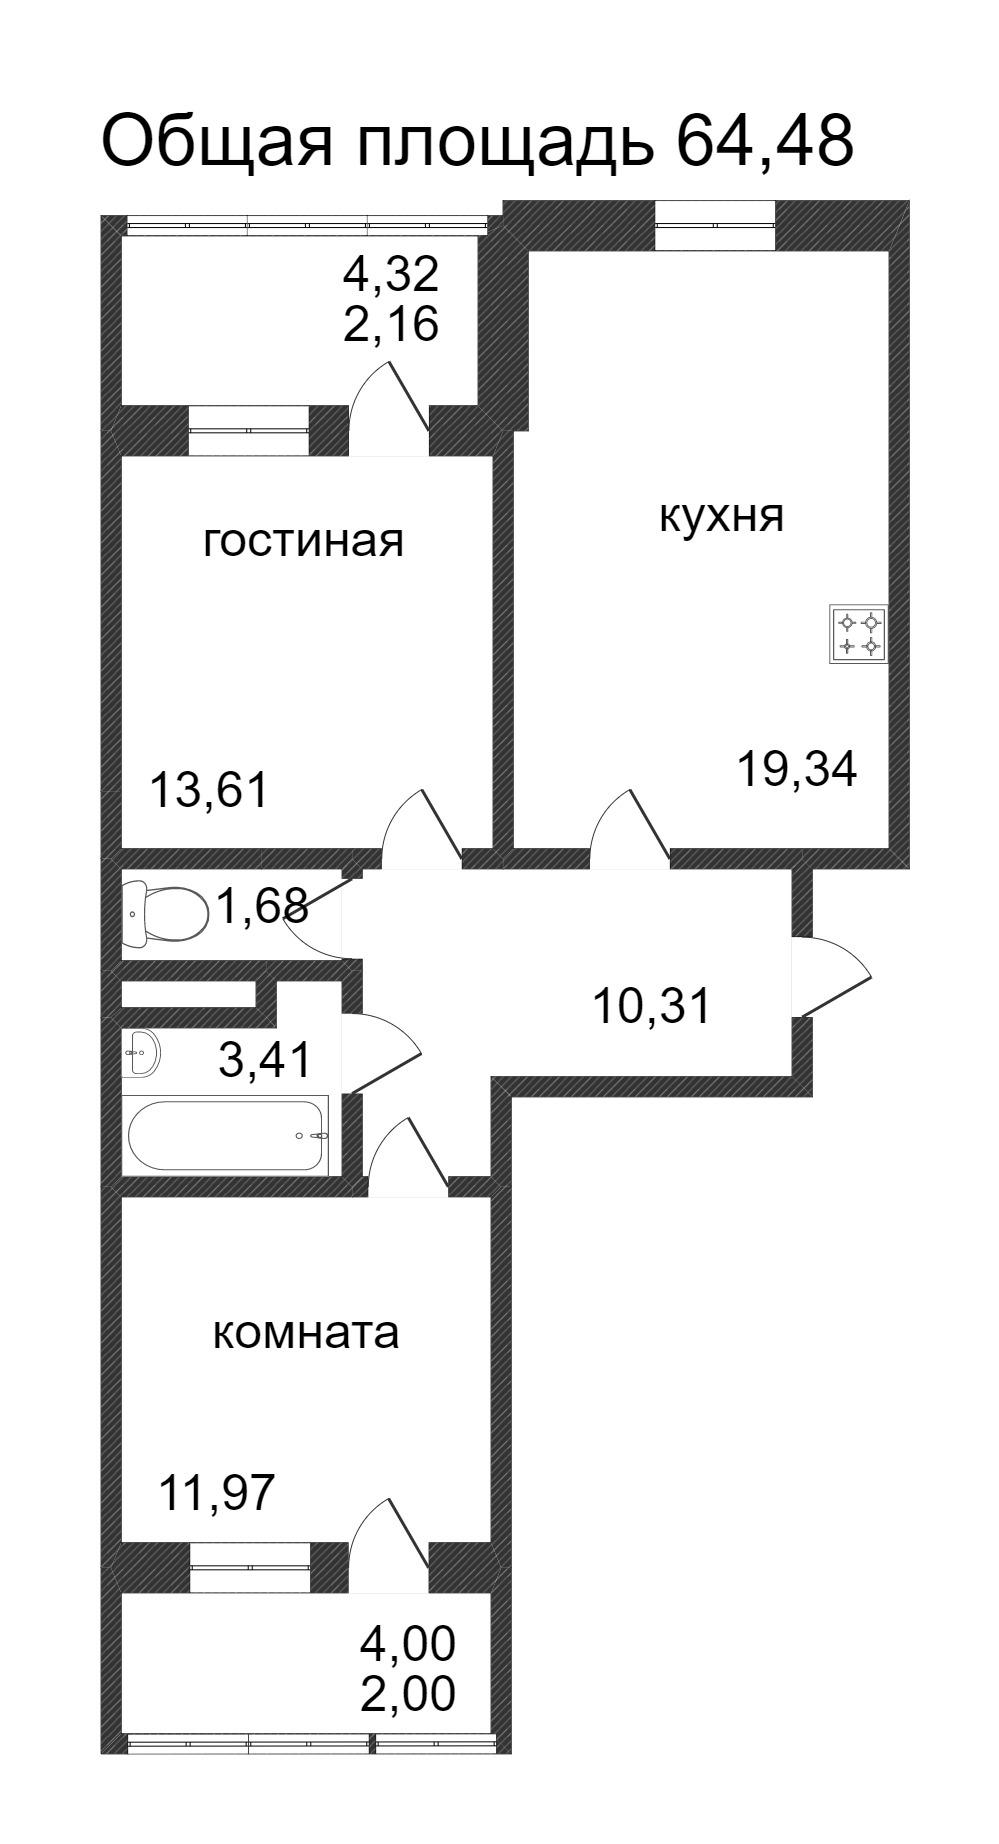 Объявление. г. Сургут, 2-комн.кв. 64.48кв.м, Ивана Захарова. Фото 3